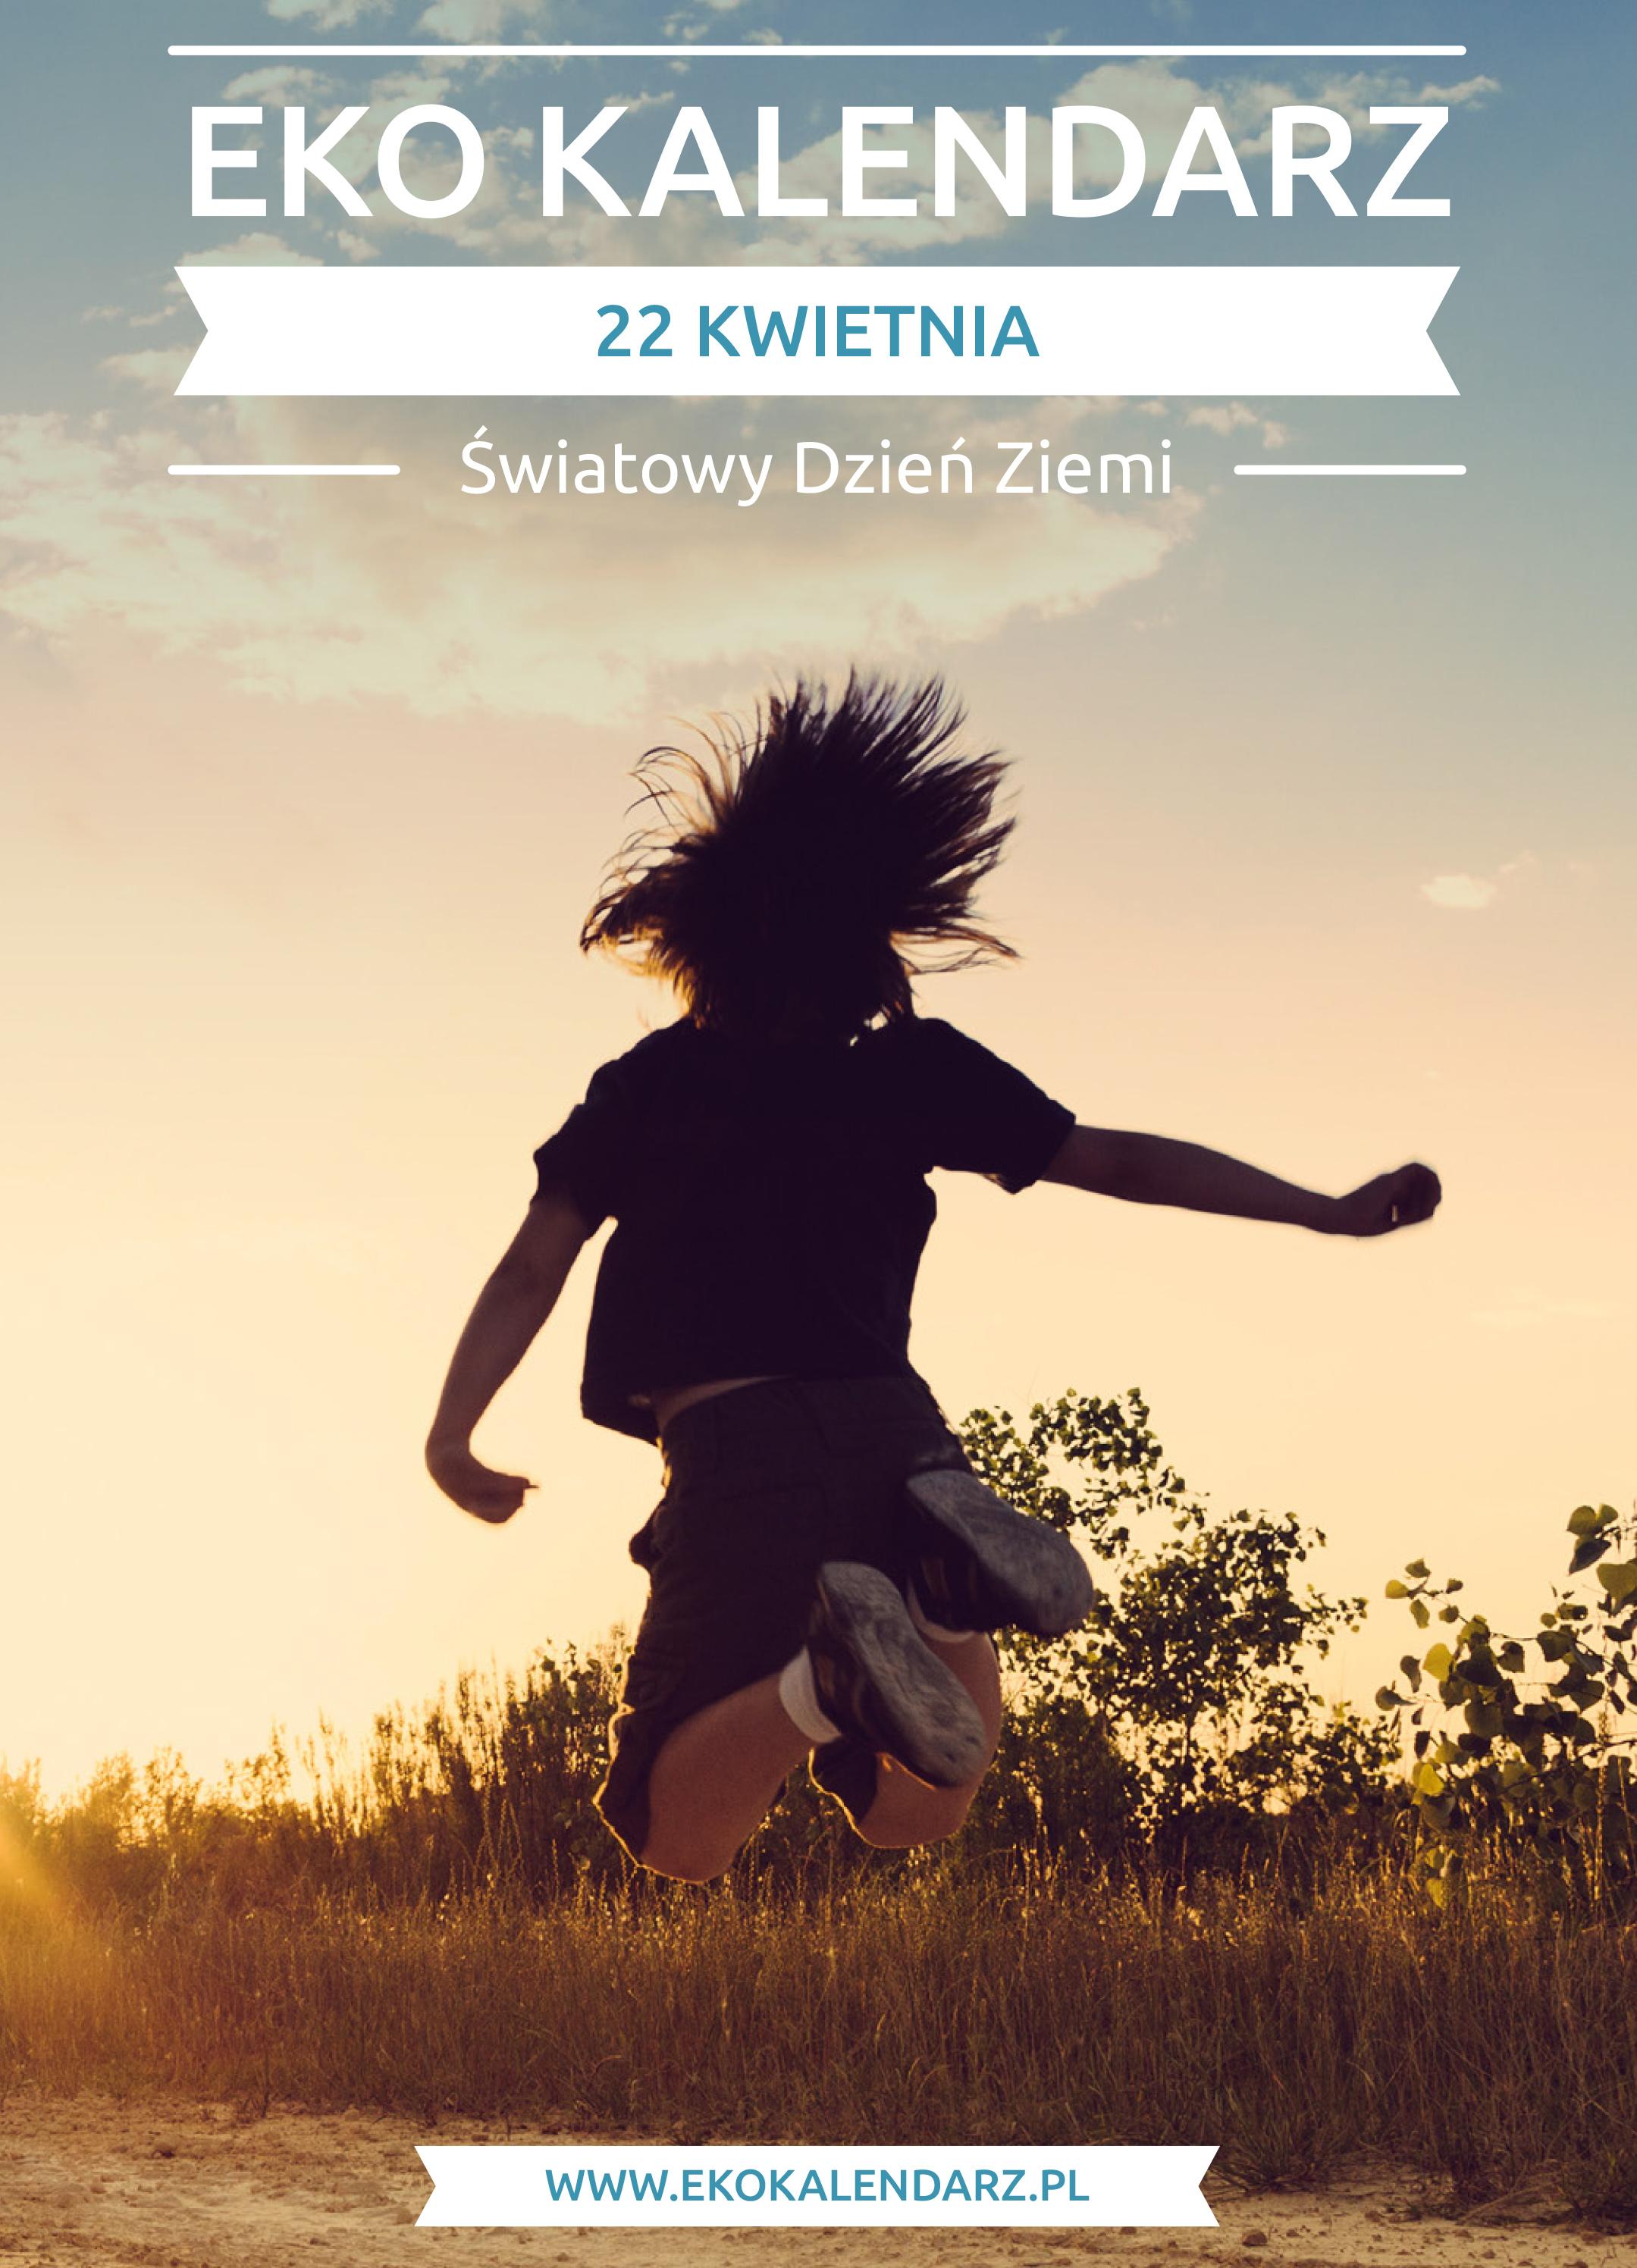 Pakiet edukacyjny z okazji Światowego Dnia Ziemi, źródło: ekokalendarz.pl